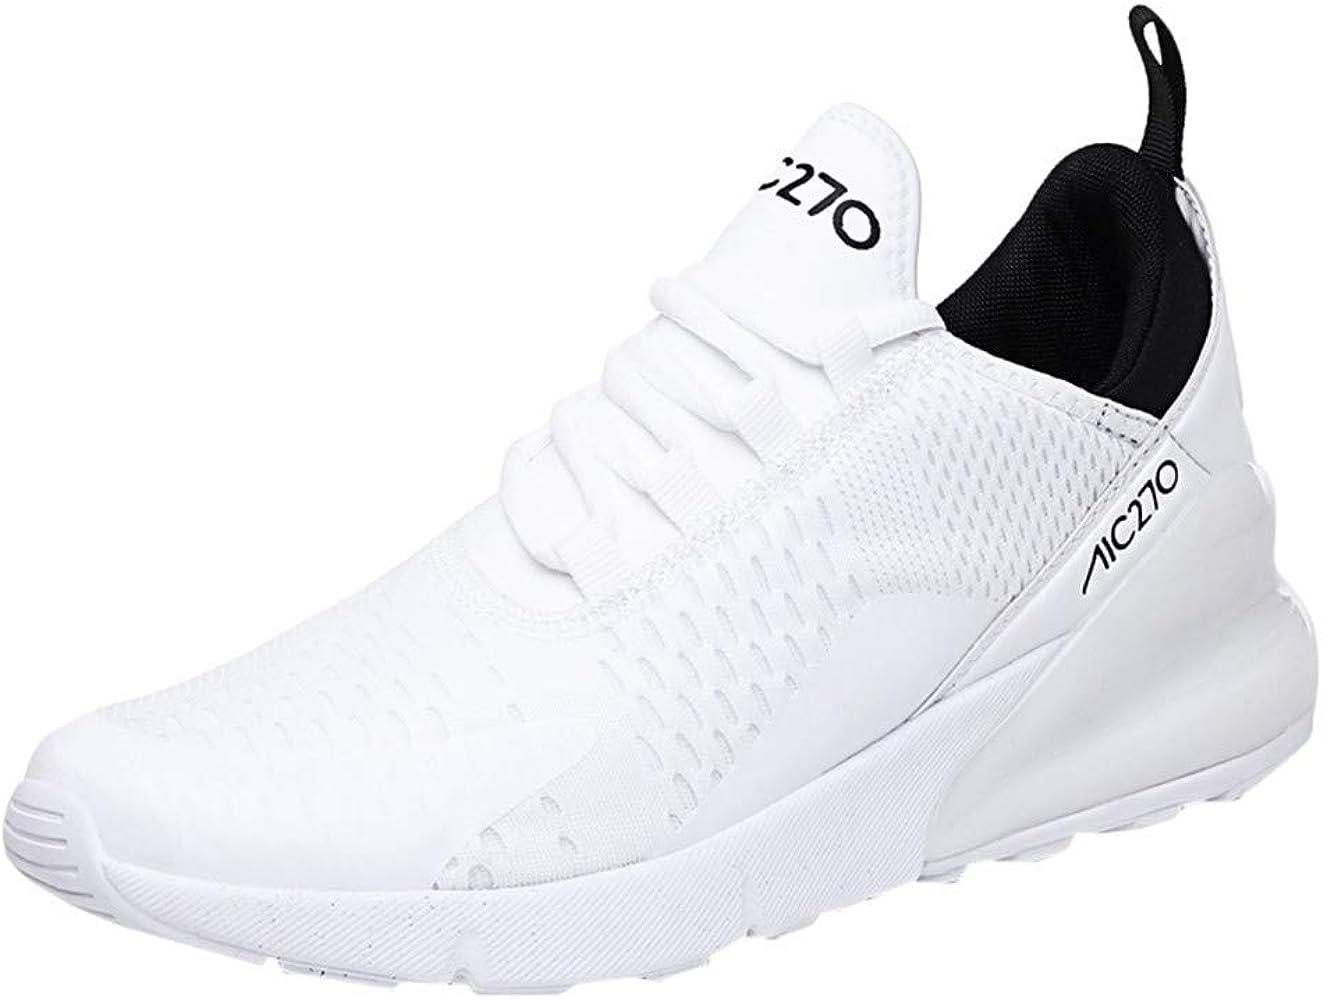 Alaso - Zapatillas deportivas para hombre, para correr, competición, entrenamiento, fitness, tenis, atlética, zapatillas deportivas blanco 42: Amazon.es: Ropa y accesorios